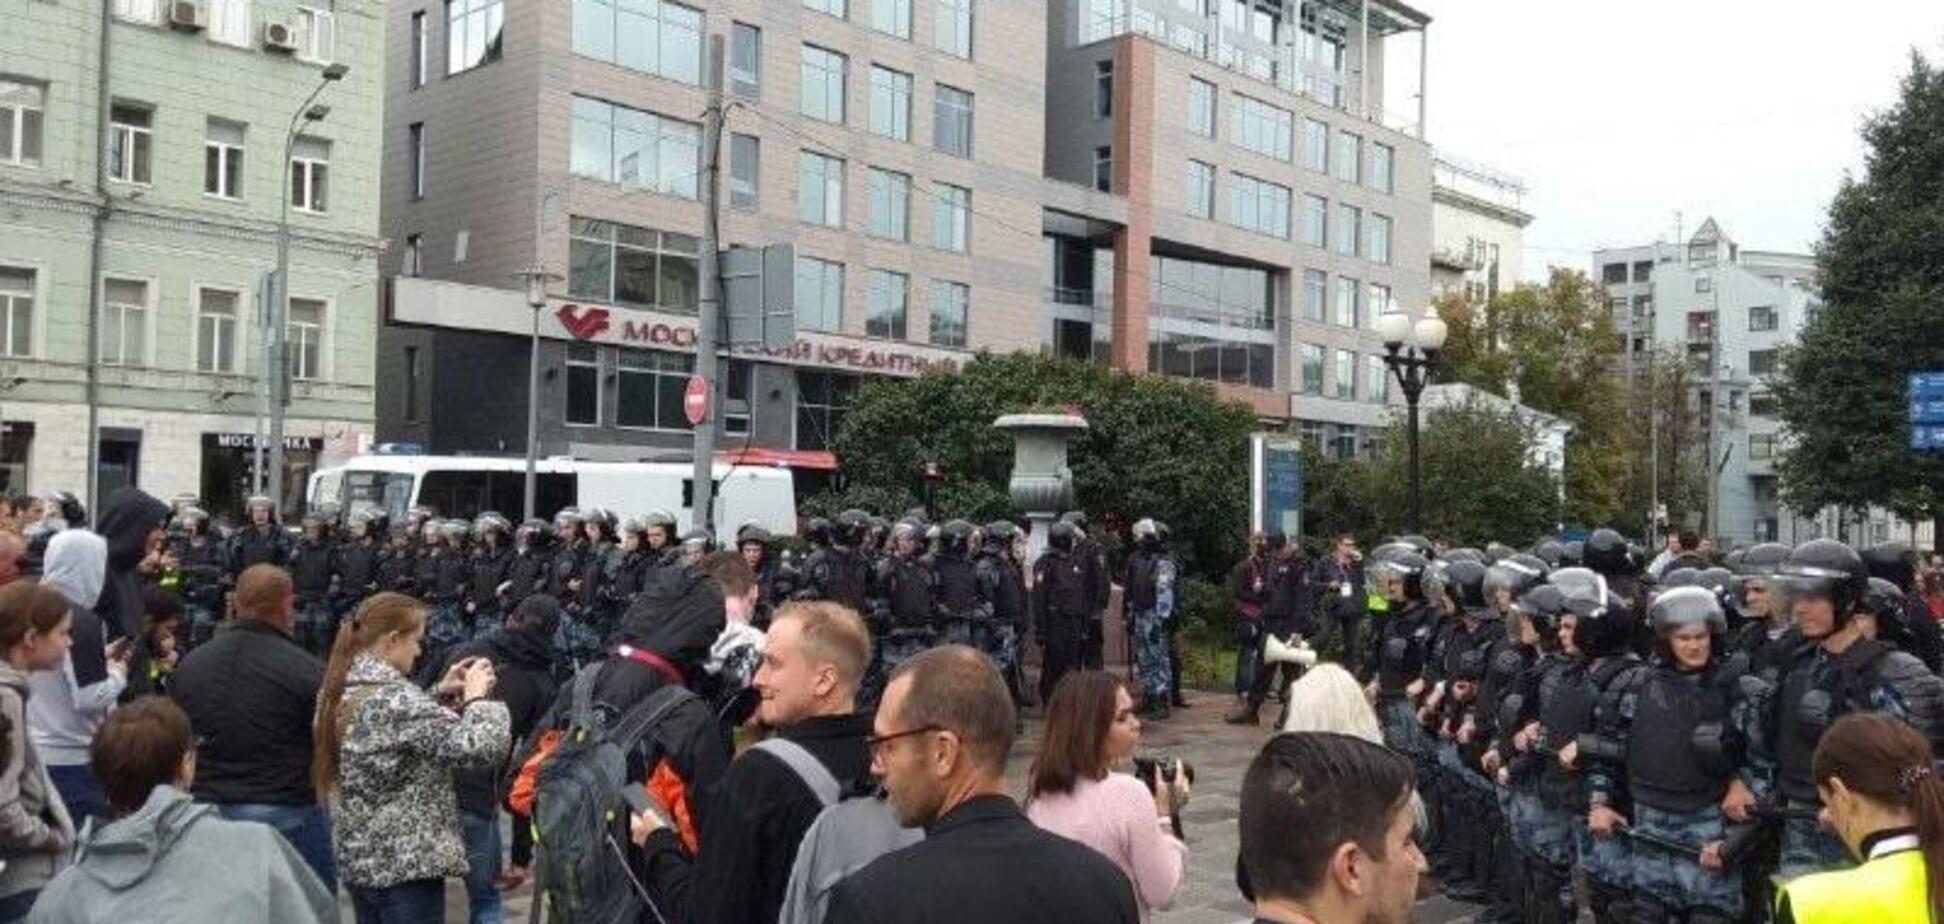 Росія повстане? Москву сколихнули акції протесту, є затримані. Фото і відео